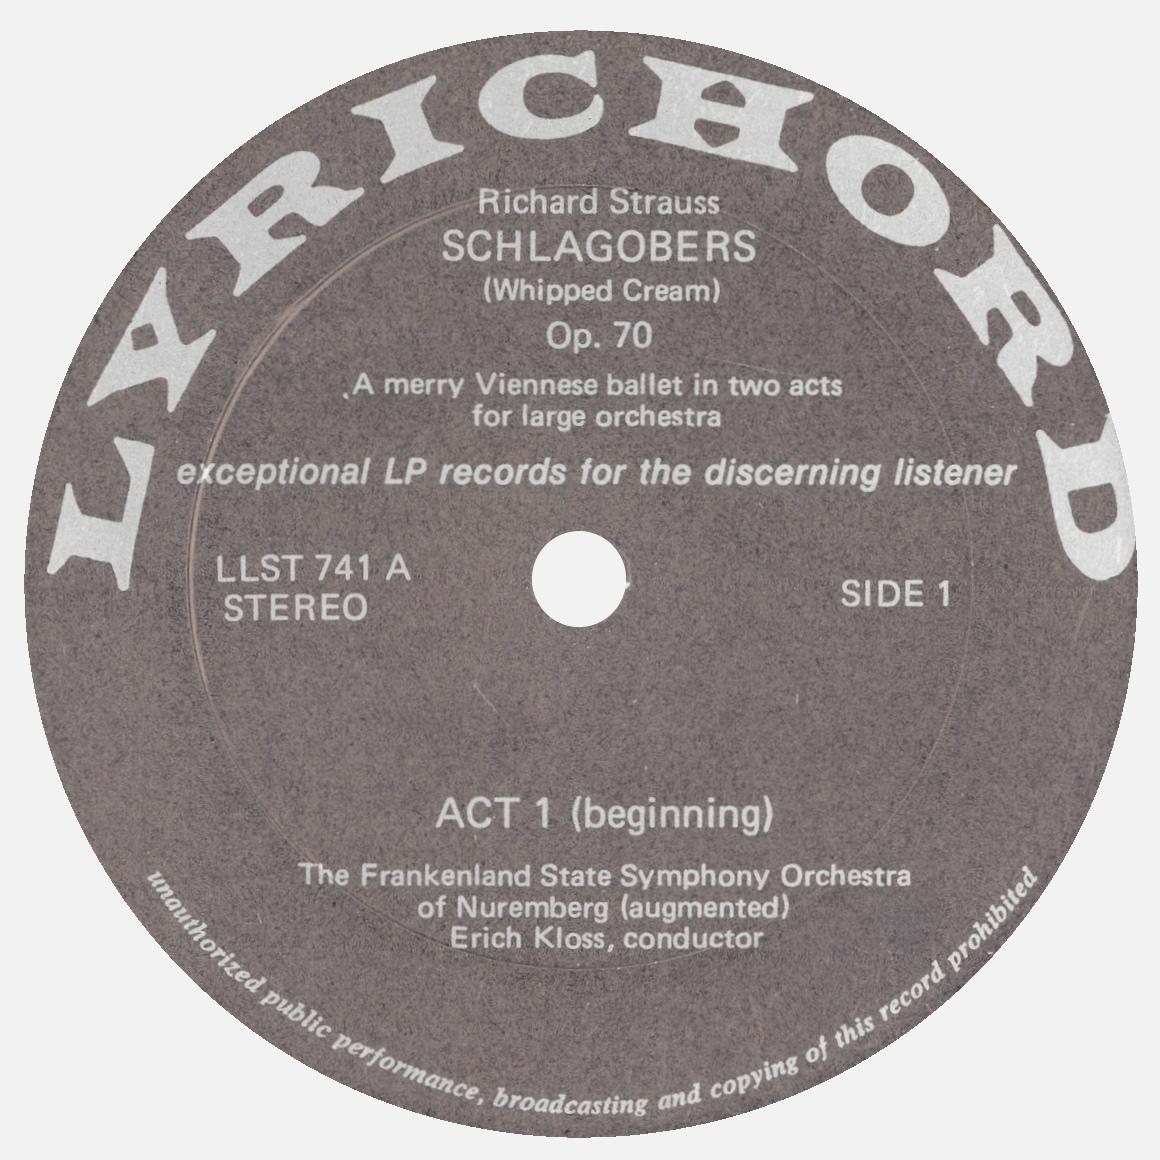 Étiquette recto du 1er disque de l'album Lyrichord LLST 741